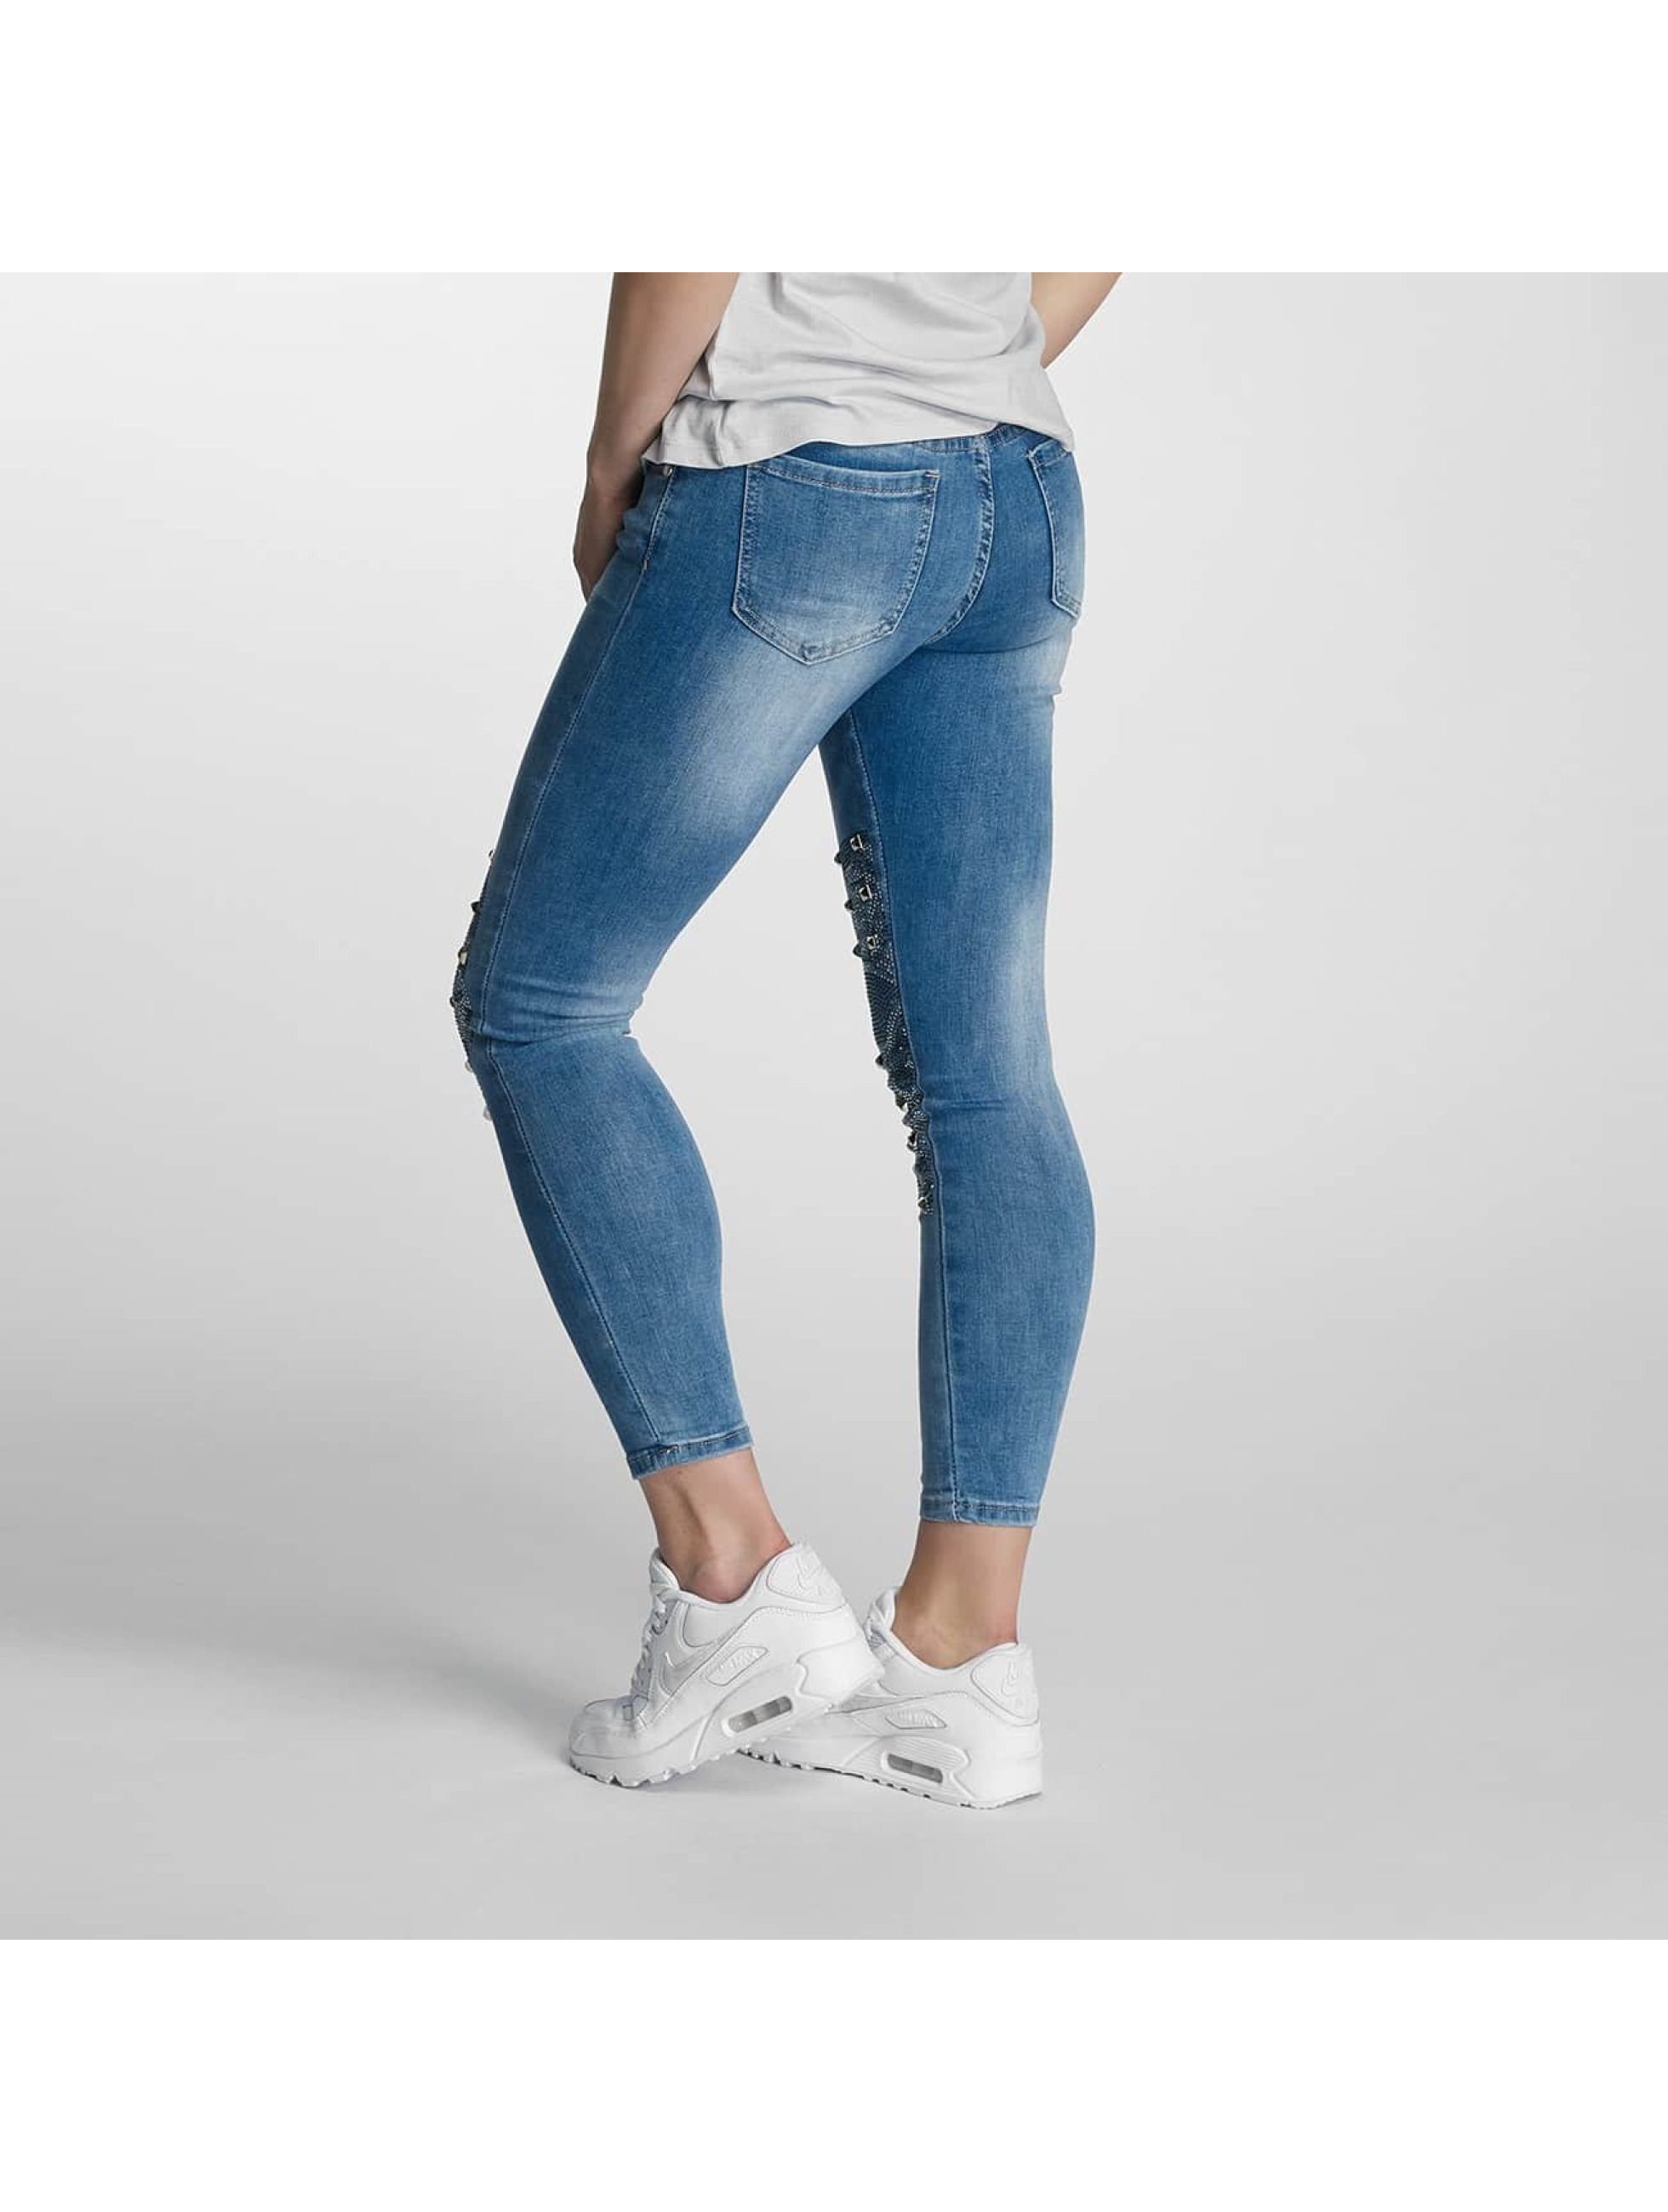 Paris Premium Skinny Jeans Denim blau